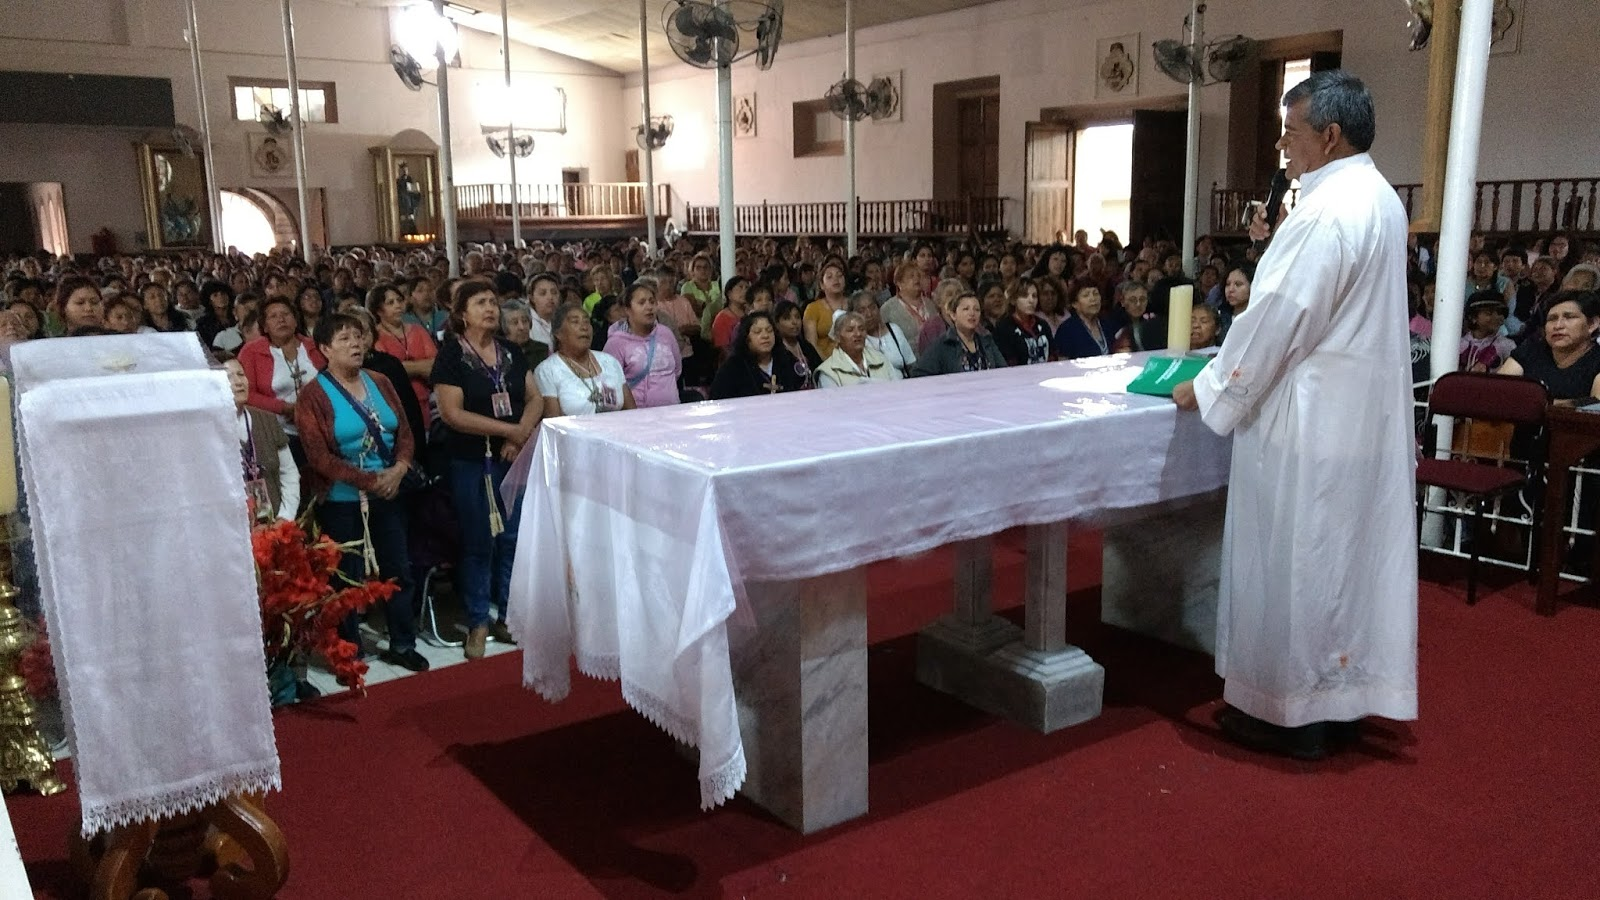 Aci Prensa Calendario.Dan A Conocer Calendario De Ejercicios Espirituales 2019 En